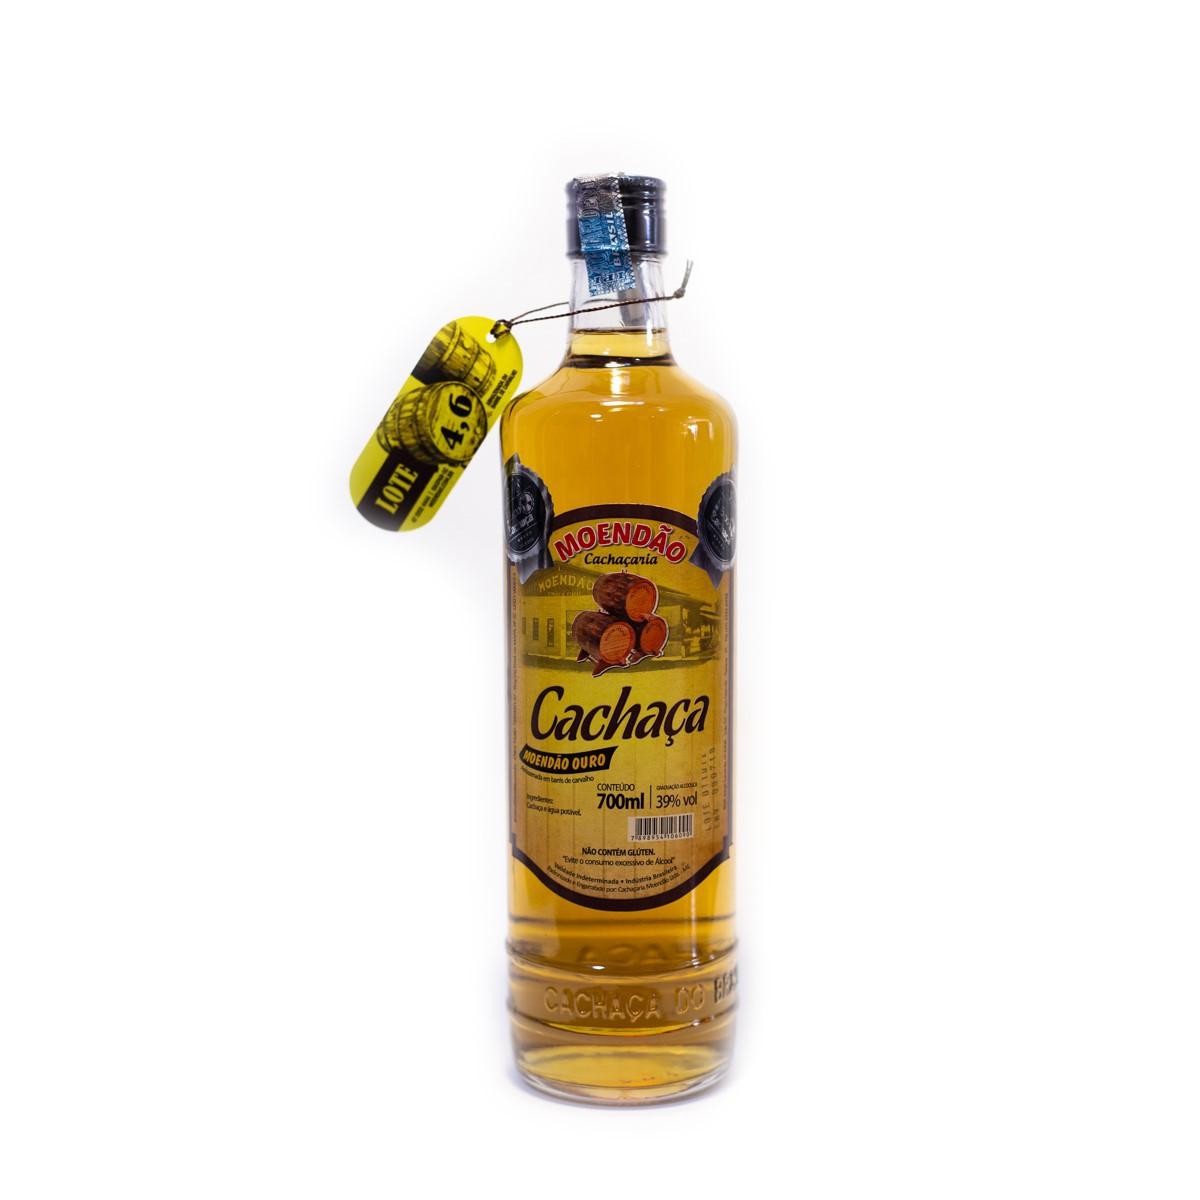 Cachaça Ouro - 4,6 anos - Moendão - 700 ml